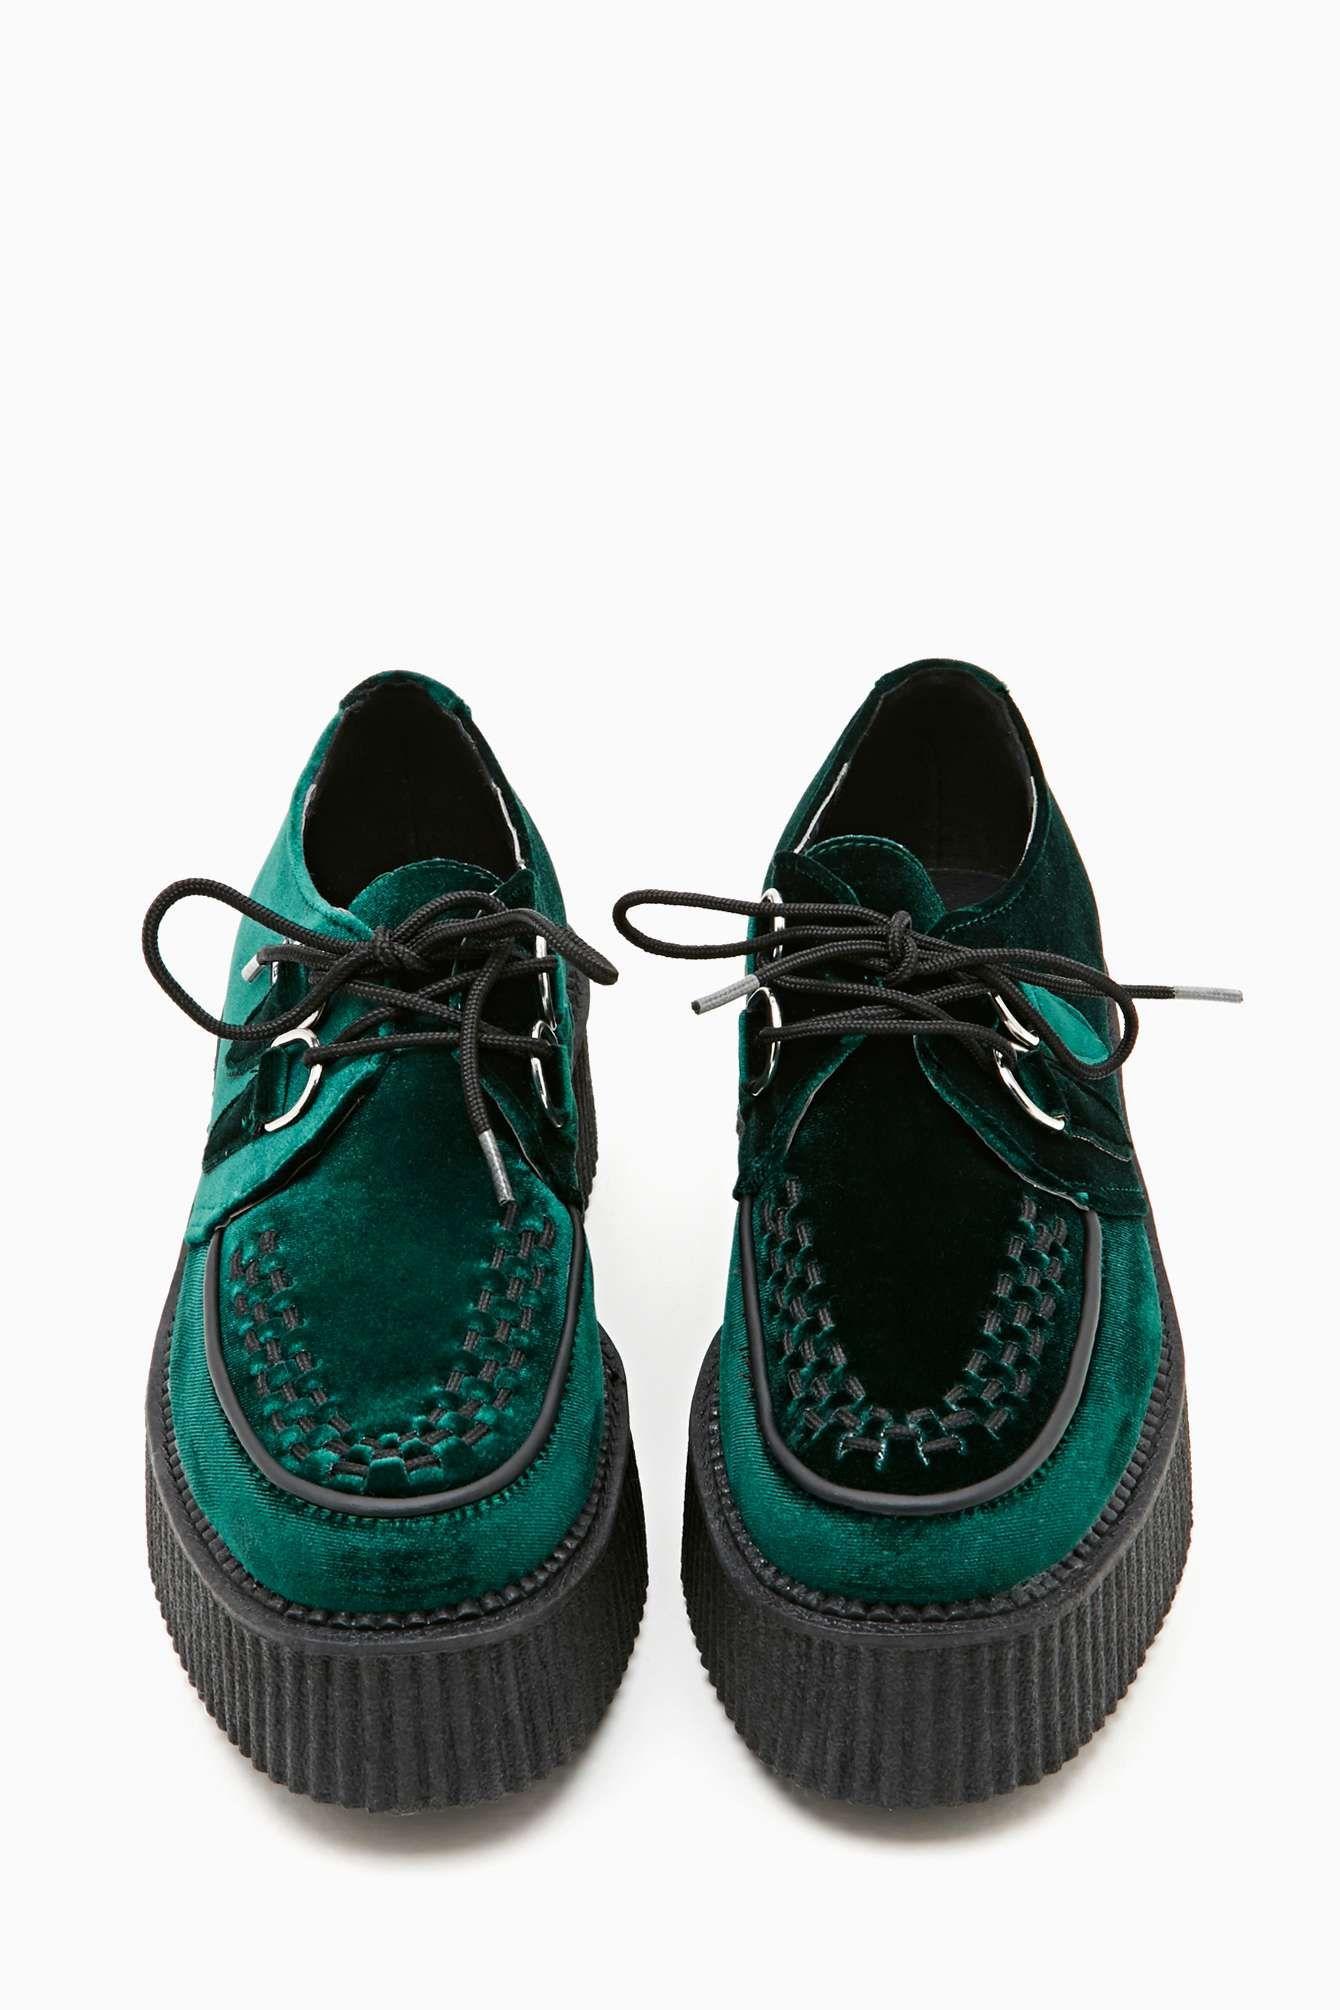 TUK Original Footwear Viva Mondo Kitty Cat Creeper Black PU US 8 M  D8QINJ87C